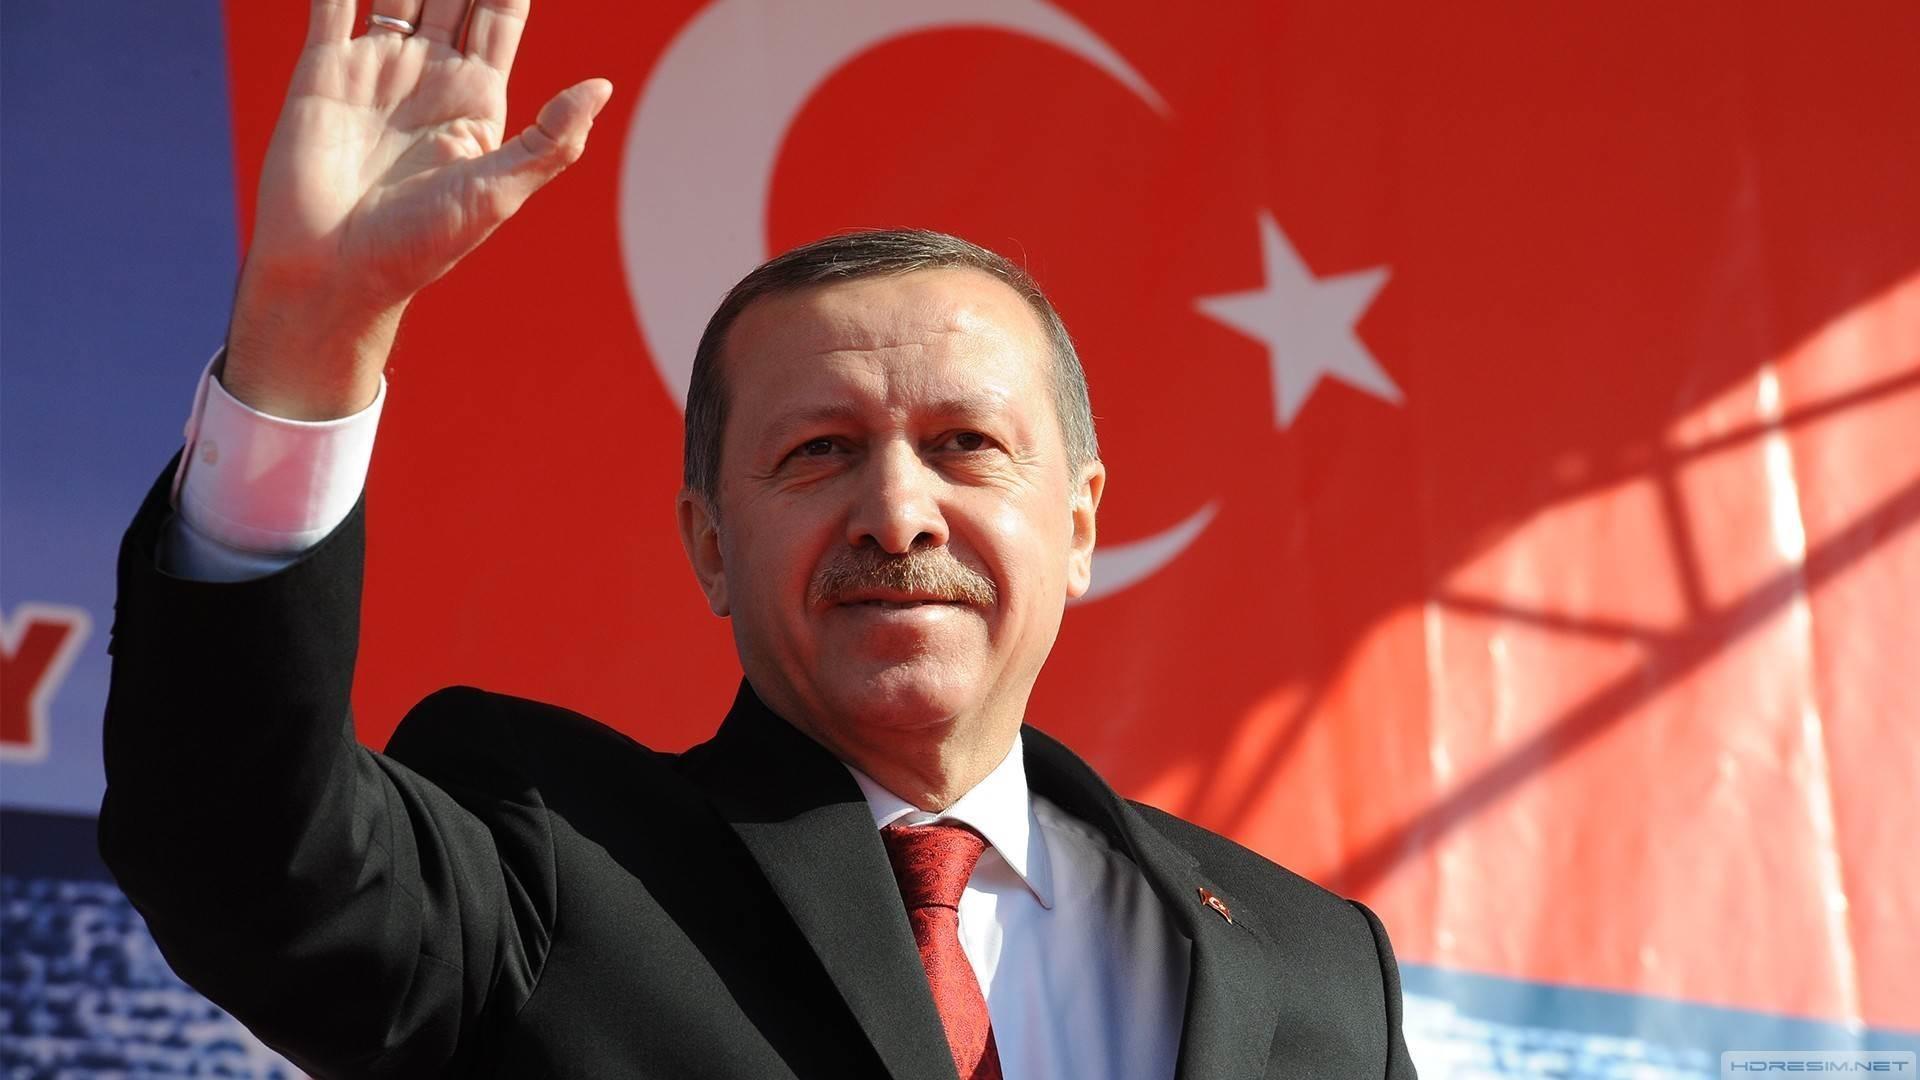 اردوغان: به زودی خبرهای خوبی از لیبی میشنویم